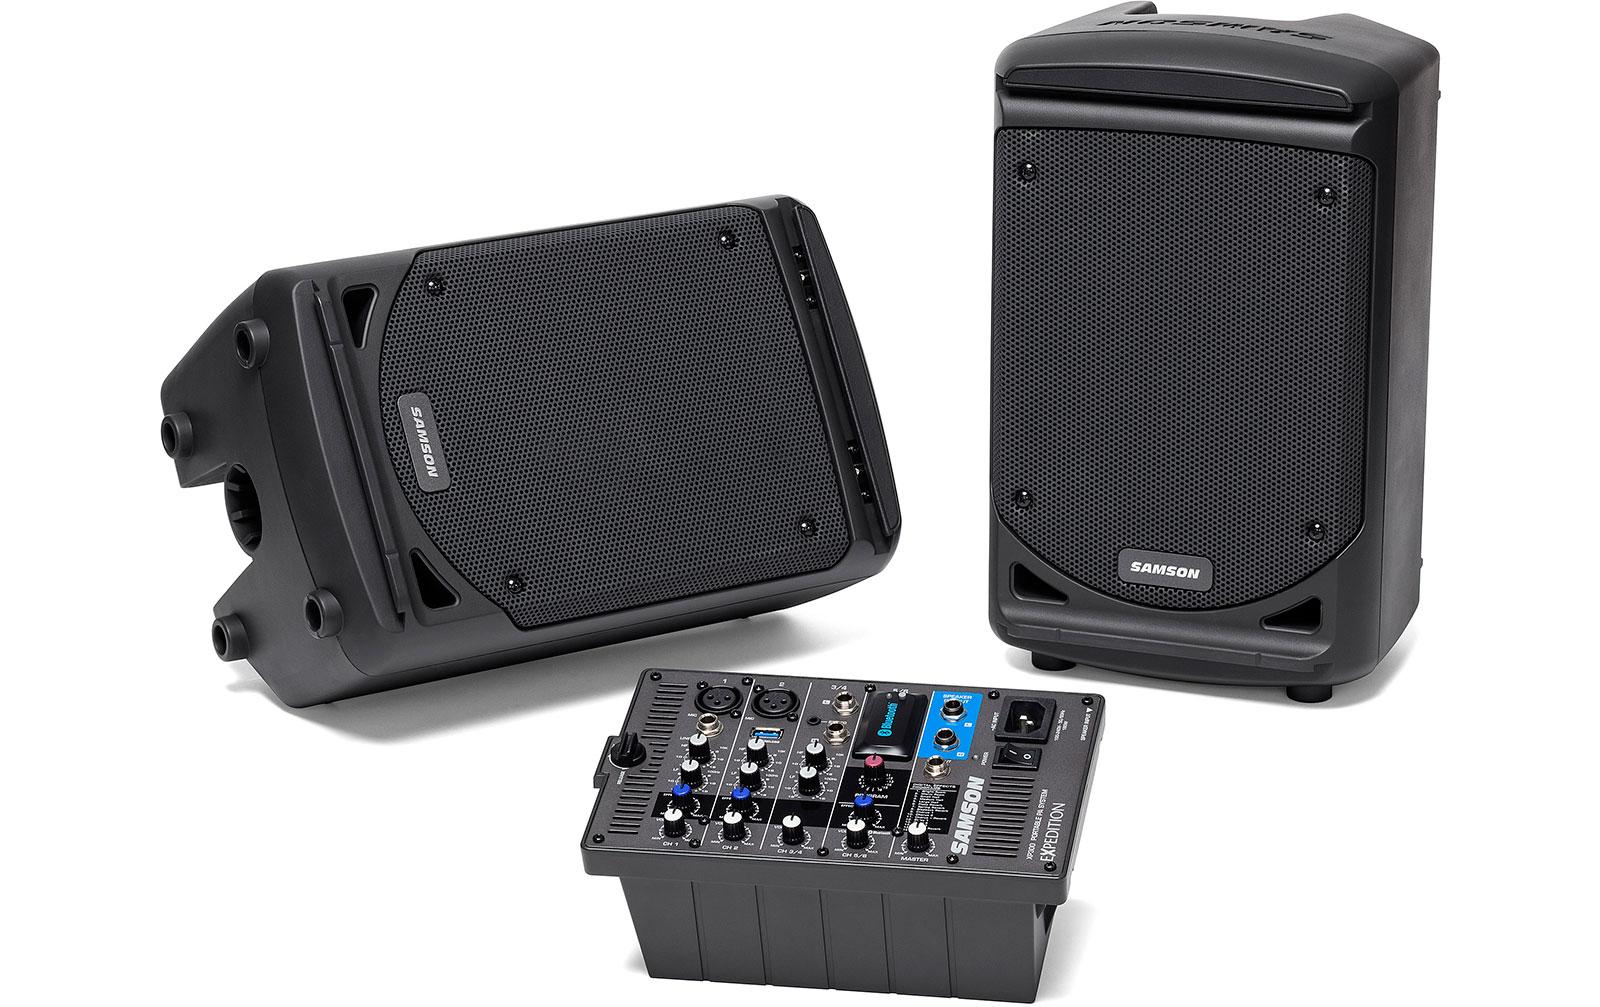 samson-expedition-xp300-portable-pa